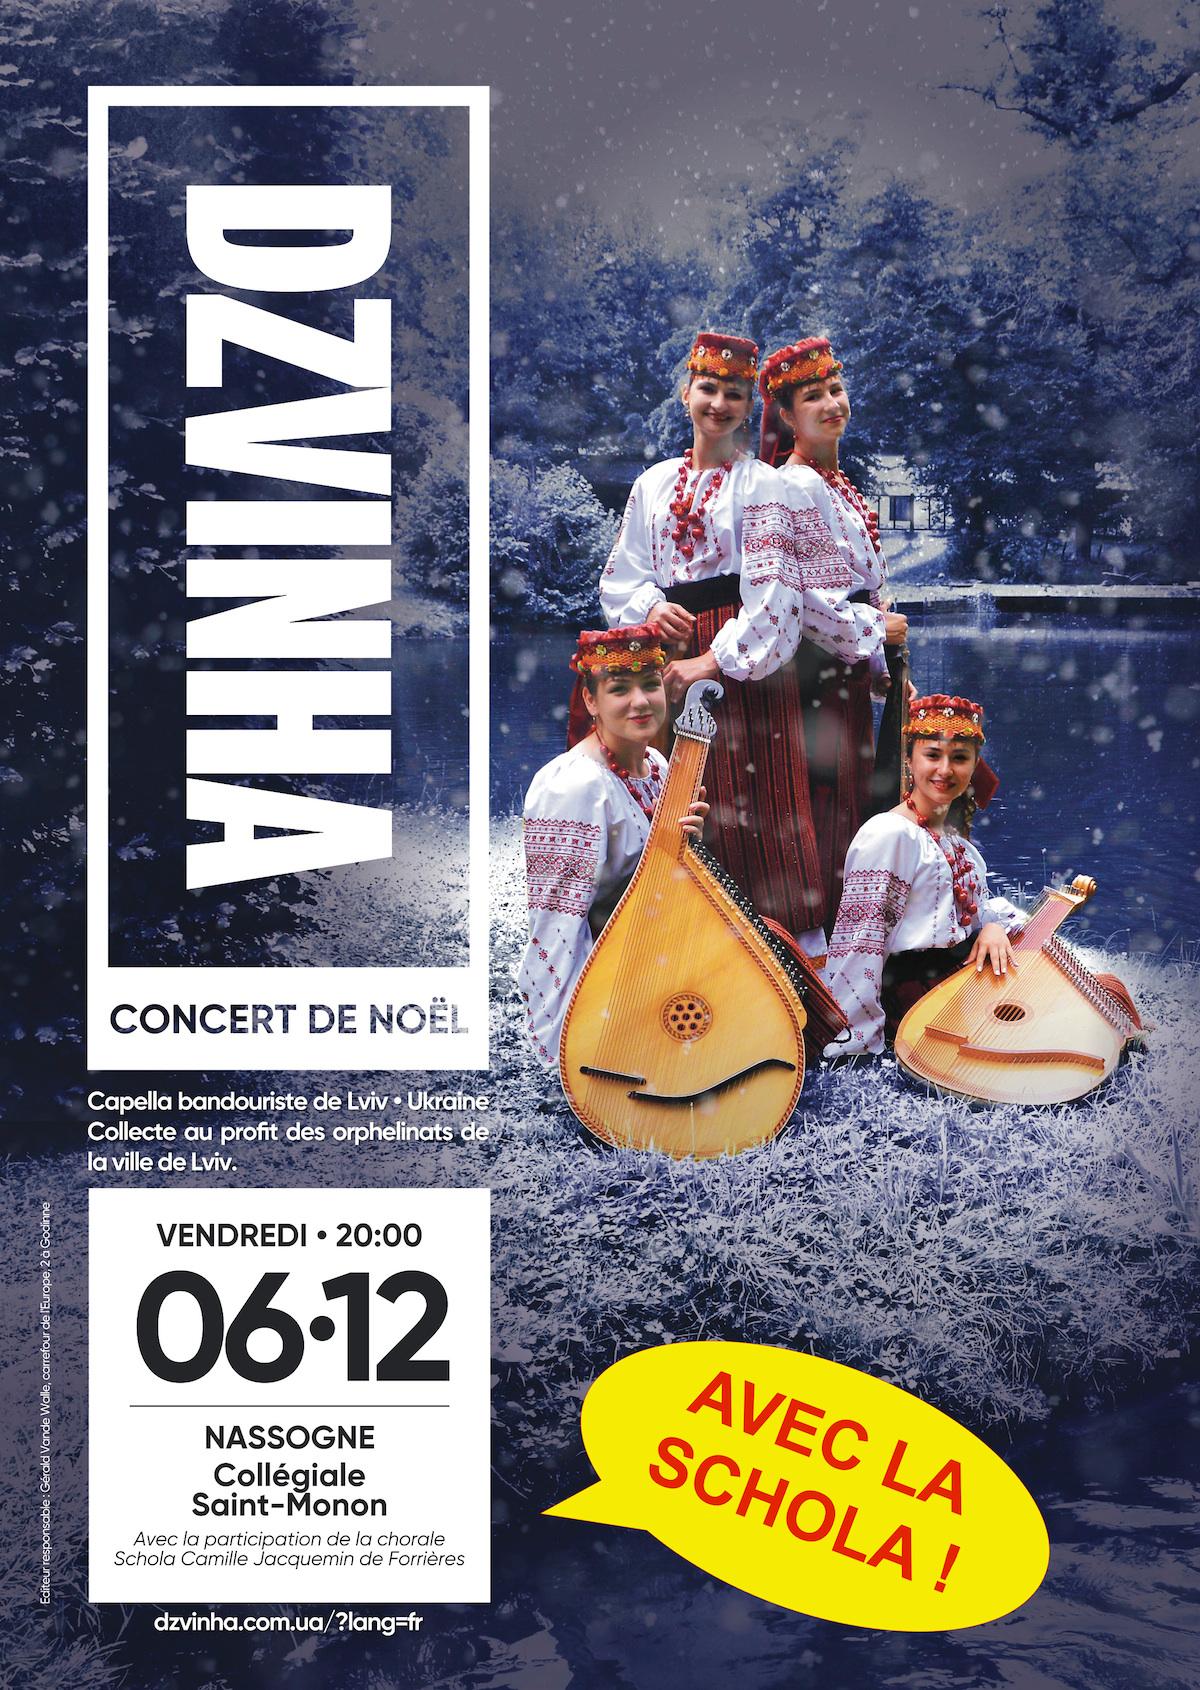 6 décembre, concert ukrainien en la collégiale St-Monon, l'ensemble Dzvihna avec la Schola Camille jacquemin